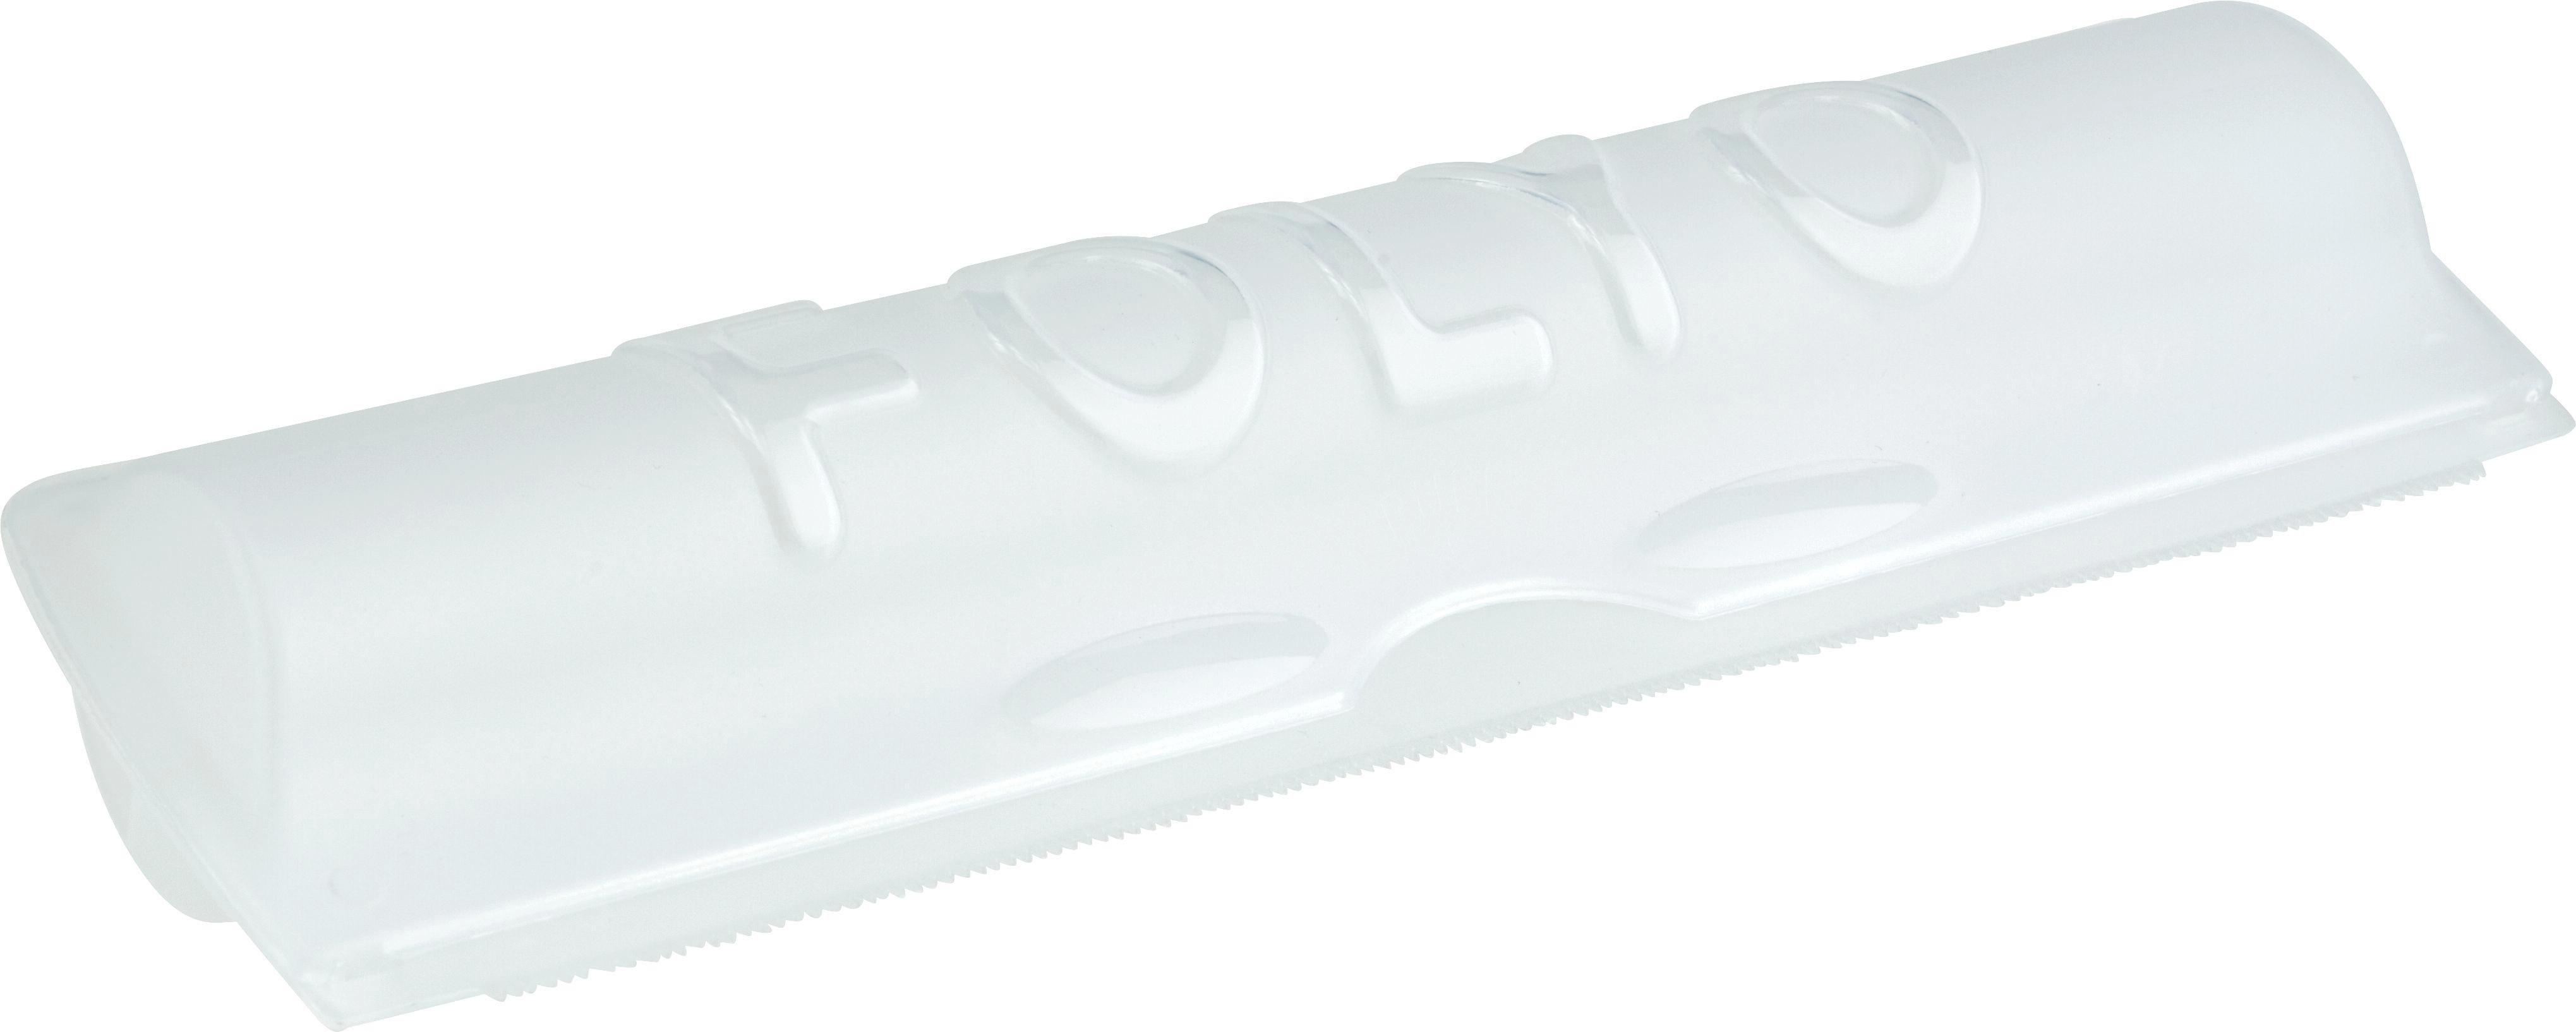 Fóliavágó Ethel - áttetsző, műanyag (34cm) - MÖMAX modern living